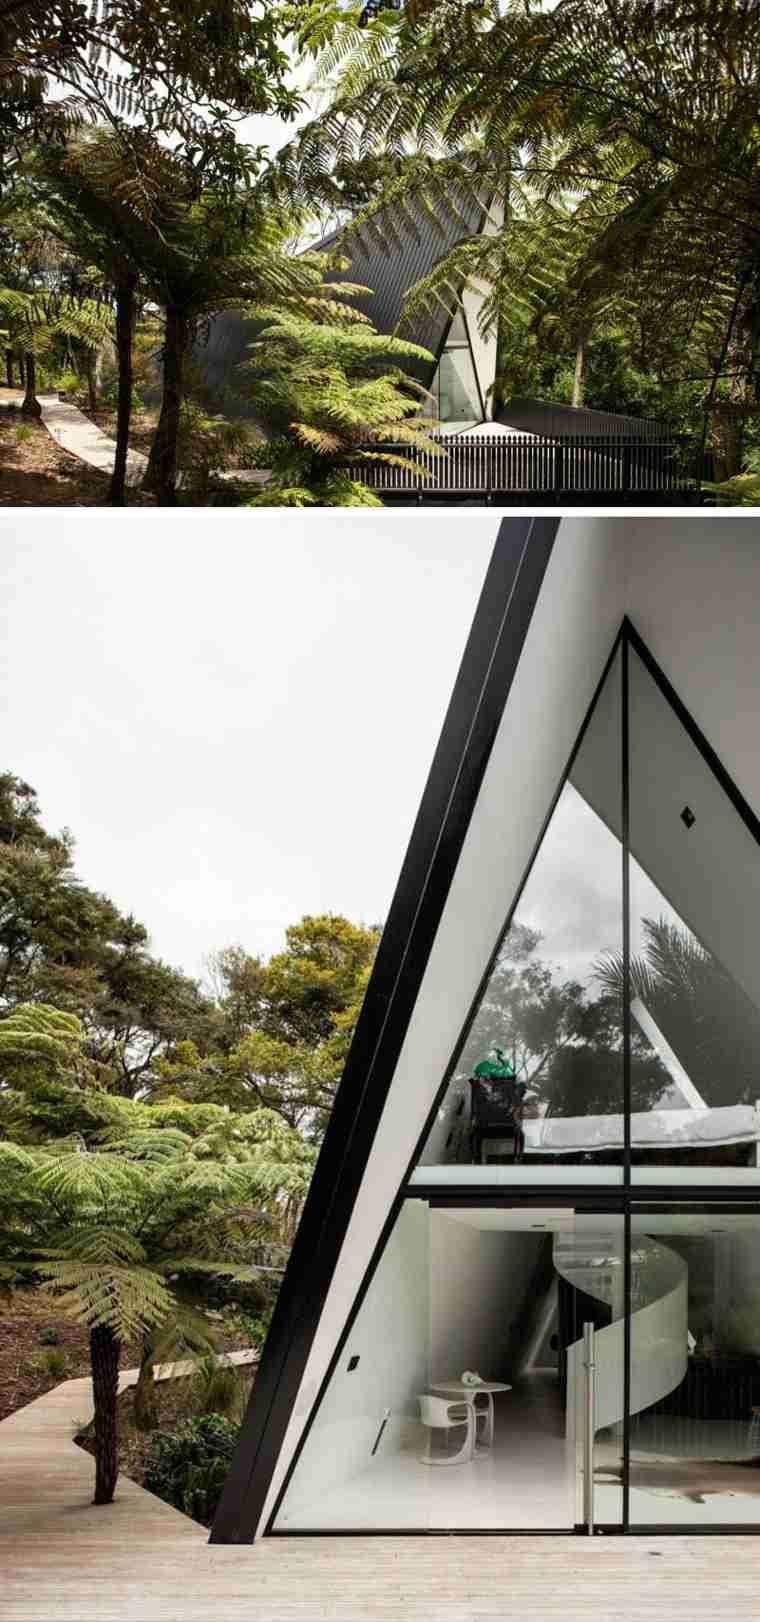 la casa mágica-Nueva-Zelanda-diseno-cabinas-modernas-arquitectura-original